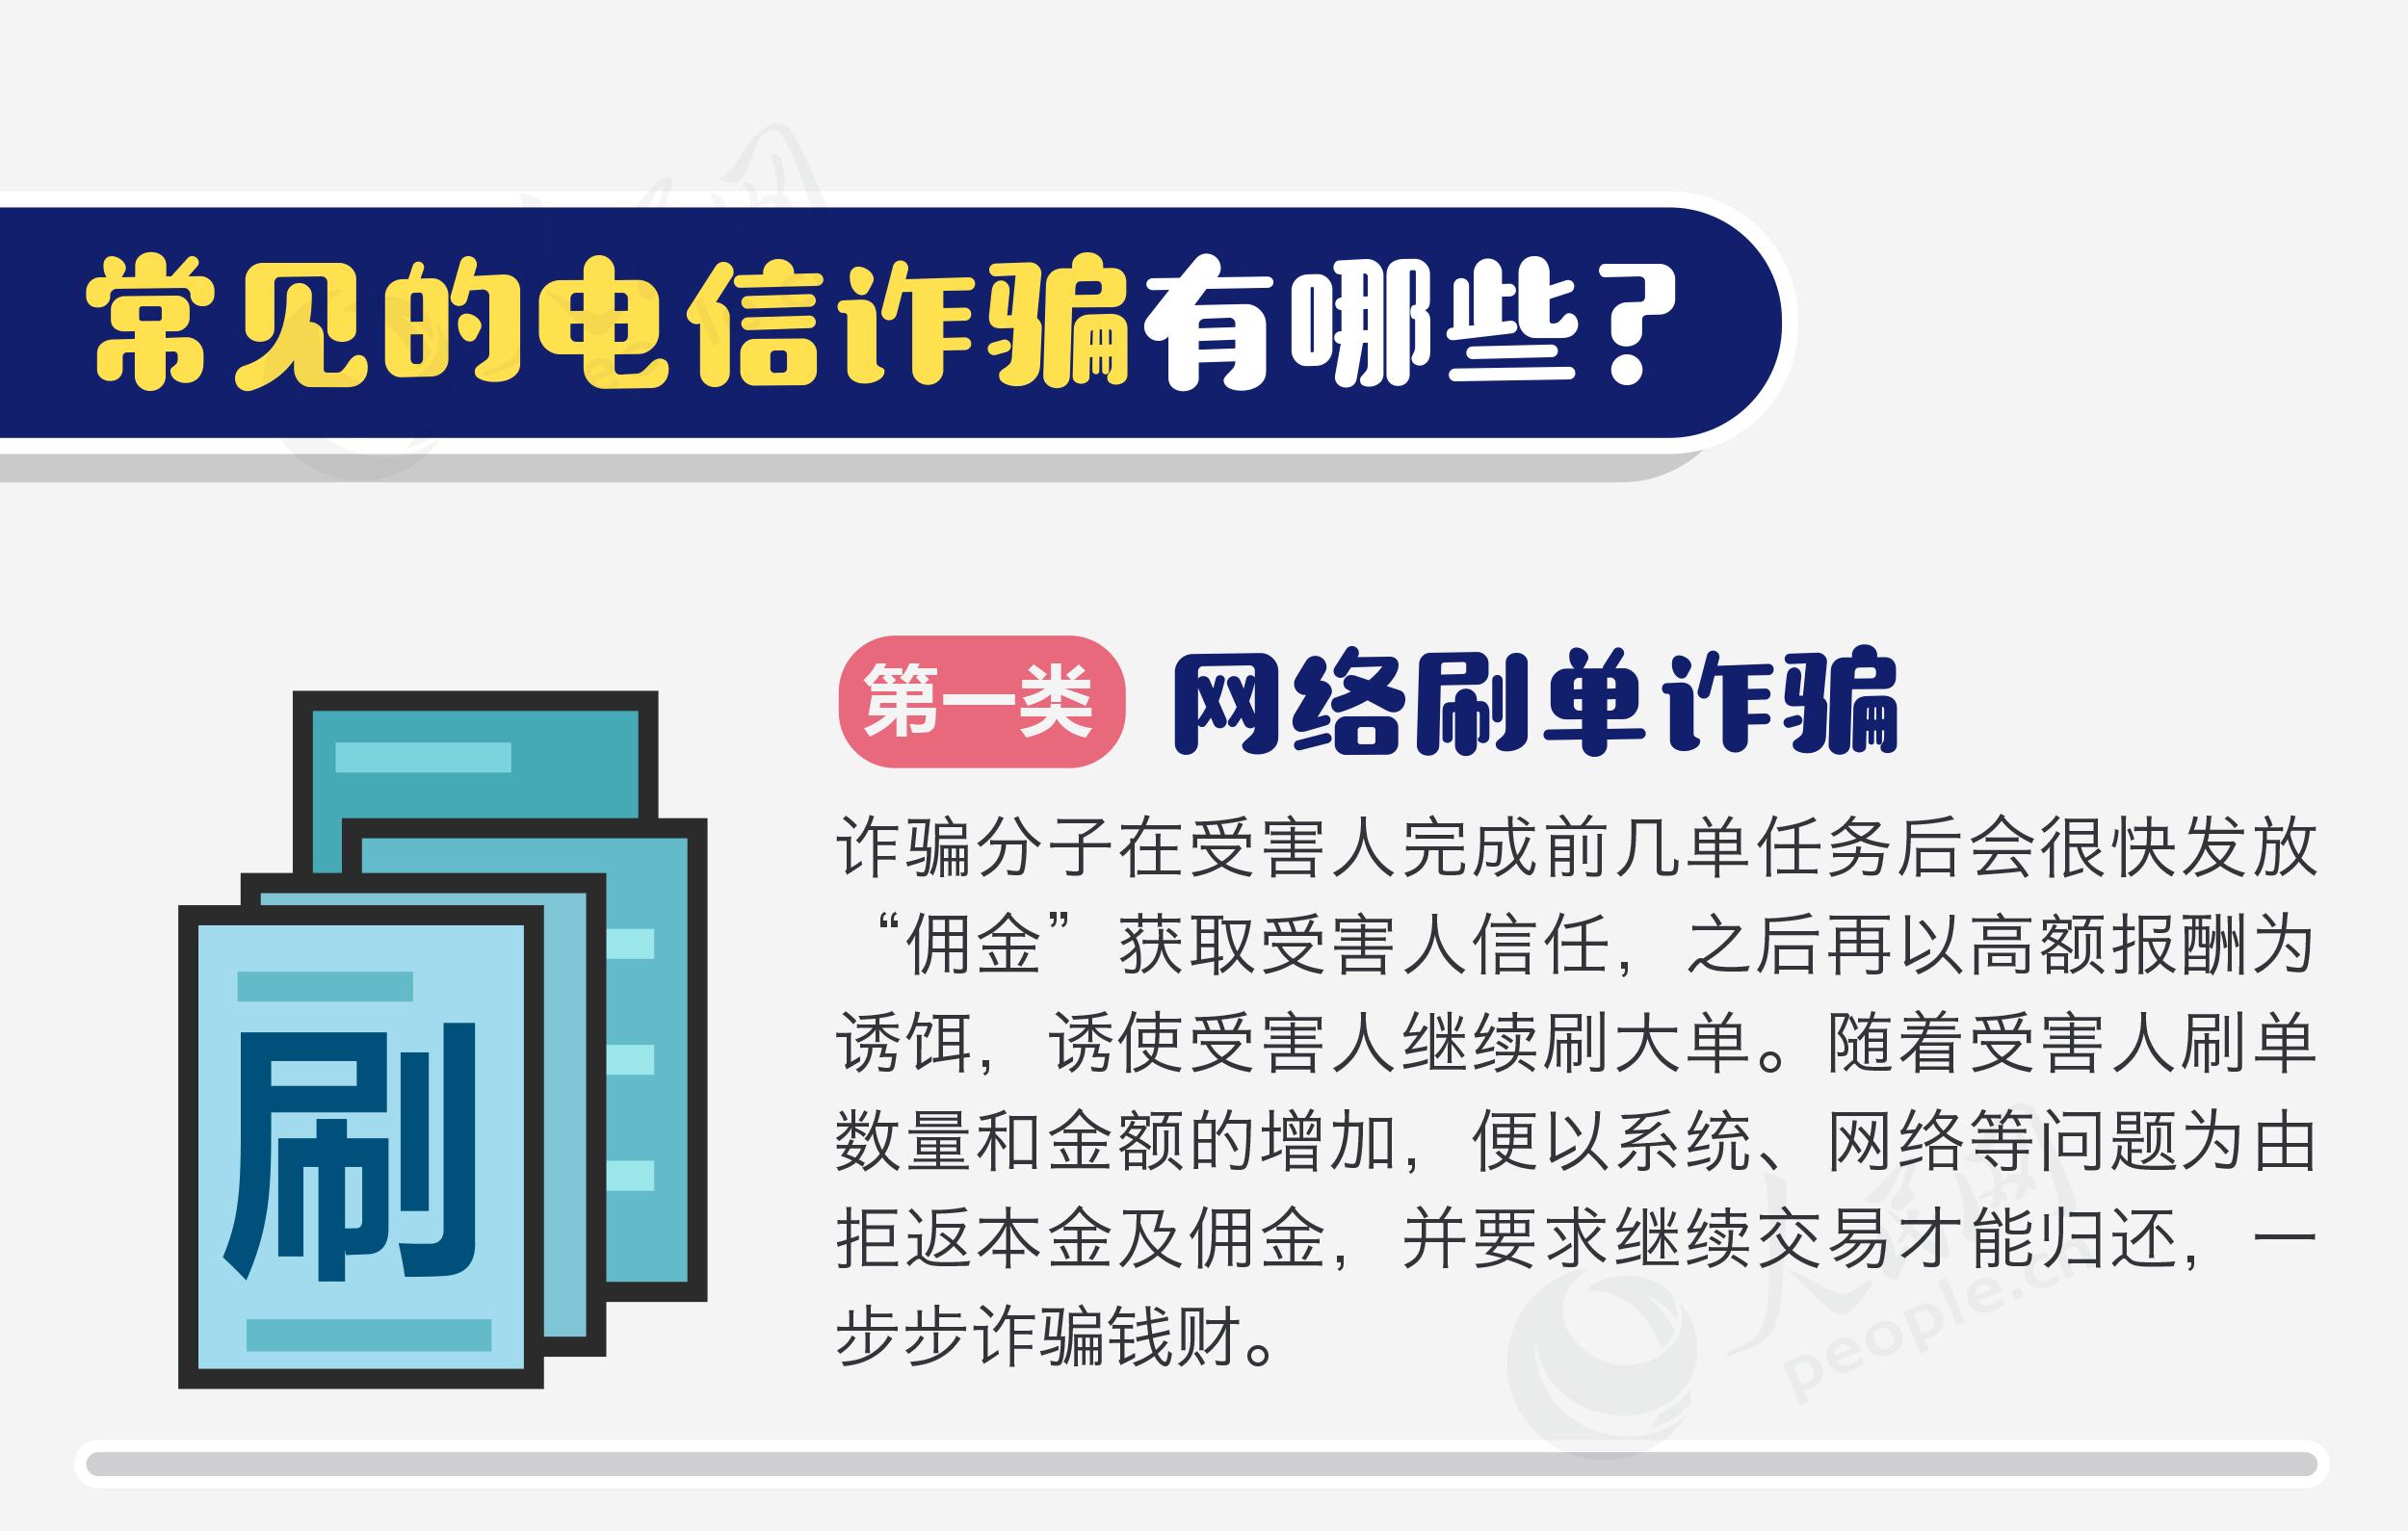 协贷网防诈骗小妙招.png